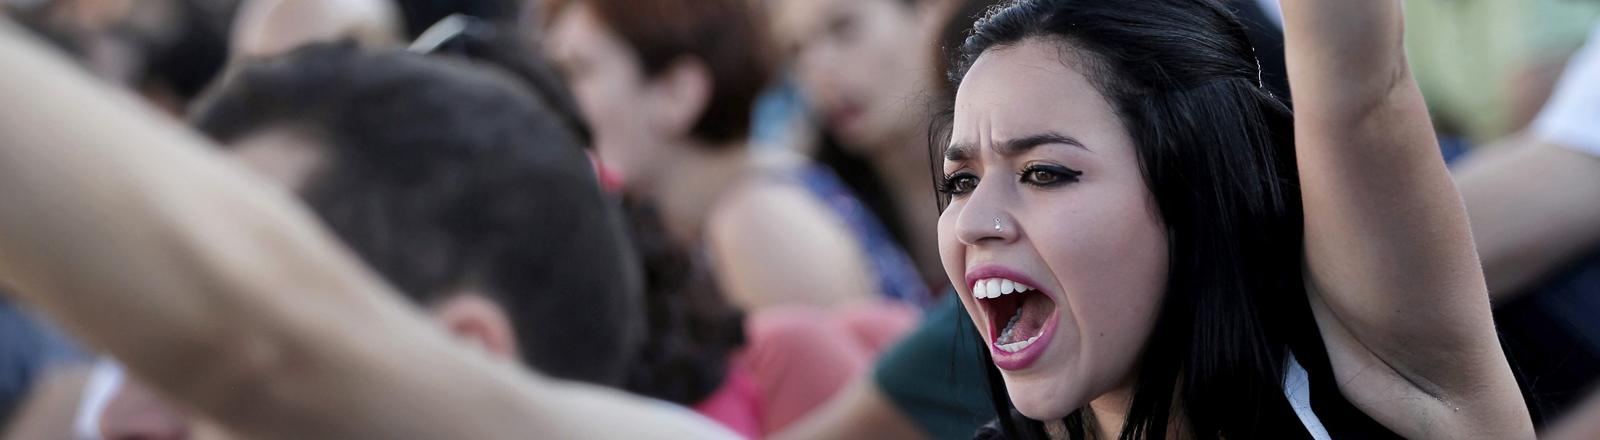 Eine junge Frau streckt ihren linken Arm in die Höhe und ruft etwas. Sie sitzt inmitten einer Menschenmenge. Juni 2013; Bild: dpa